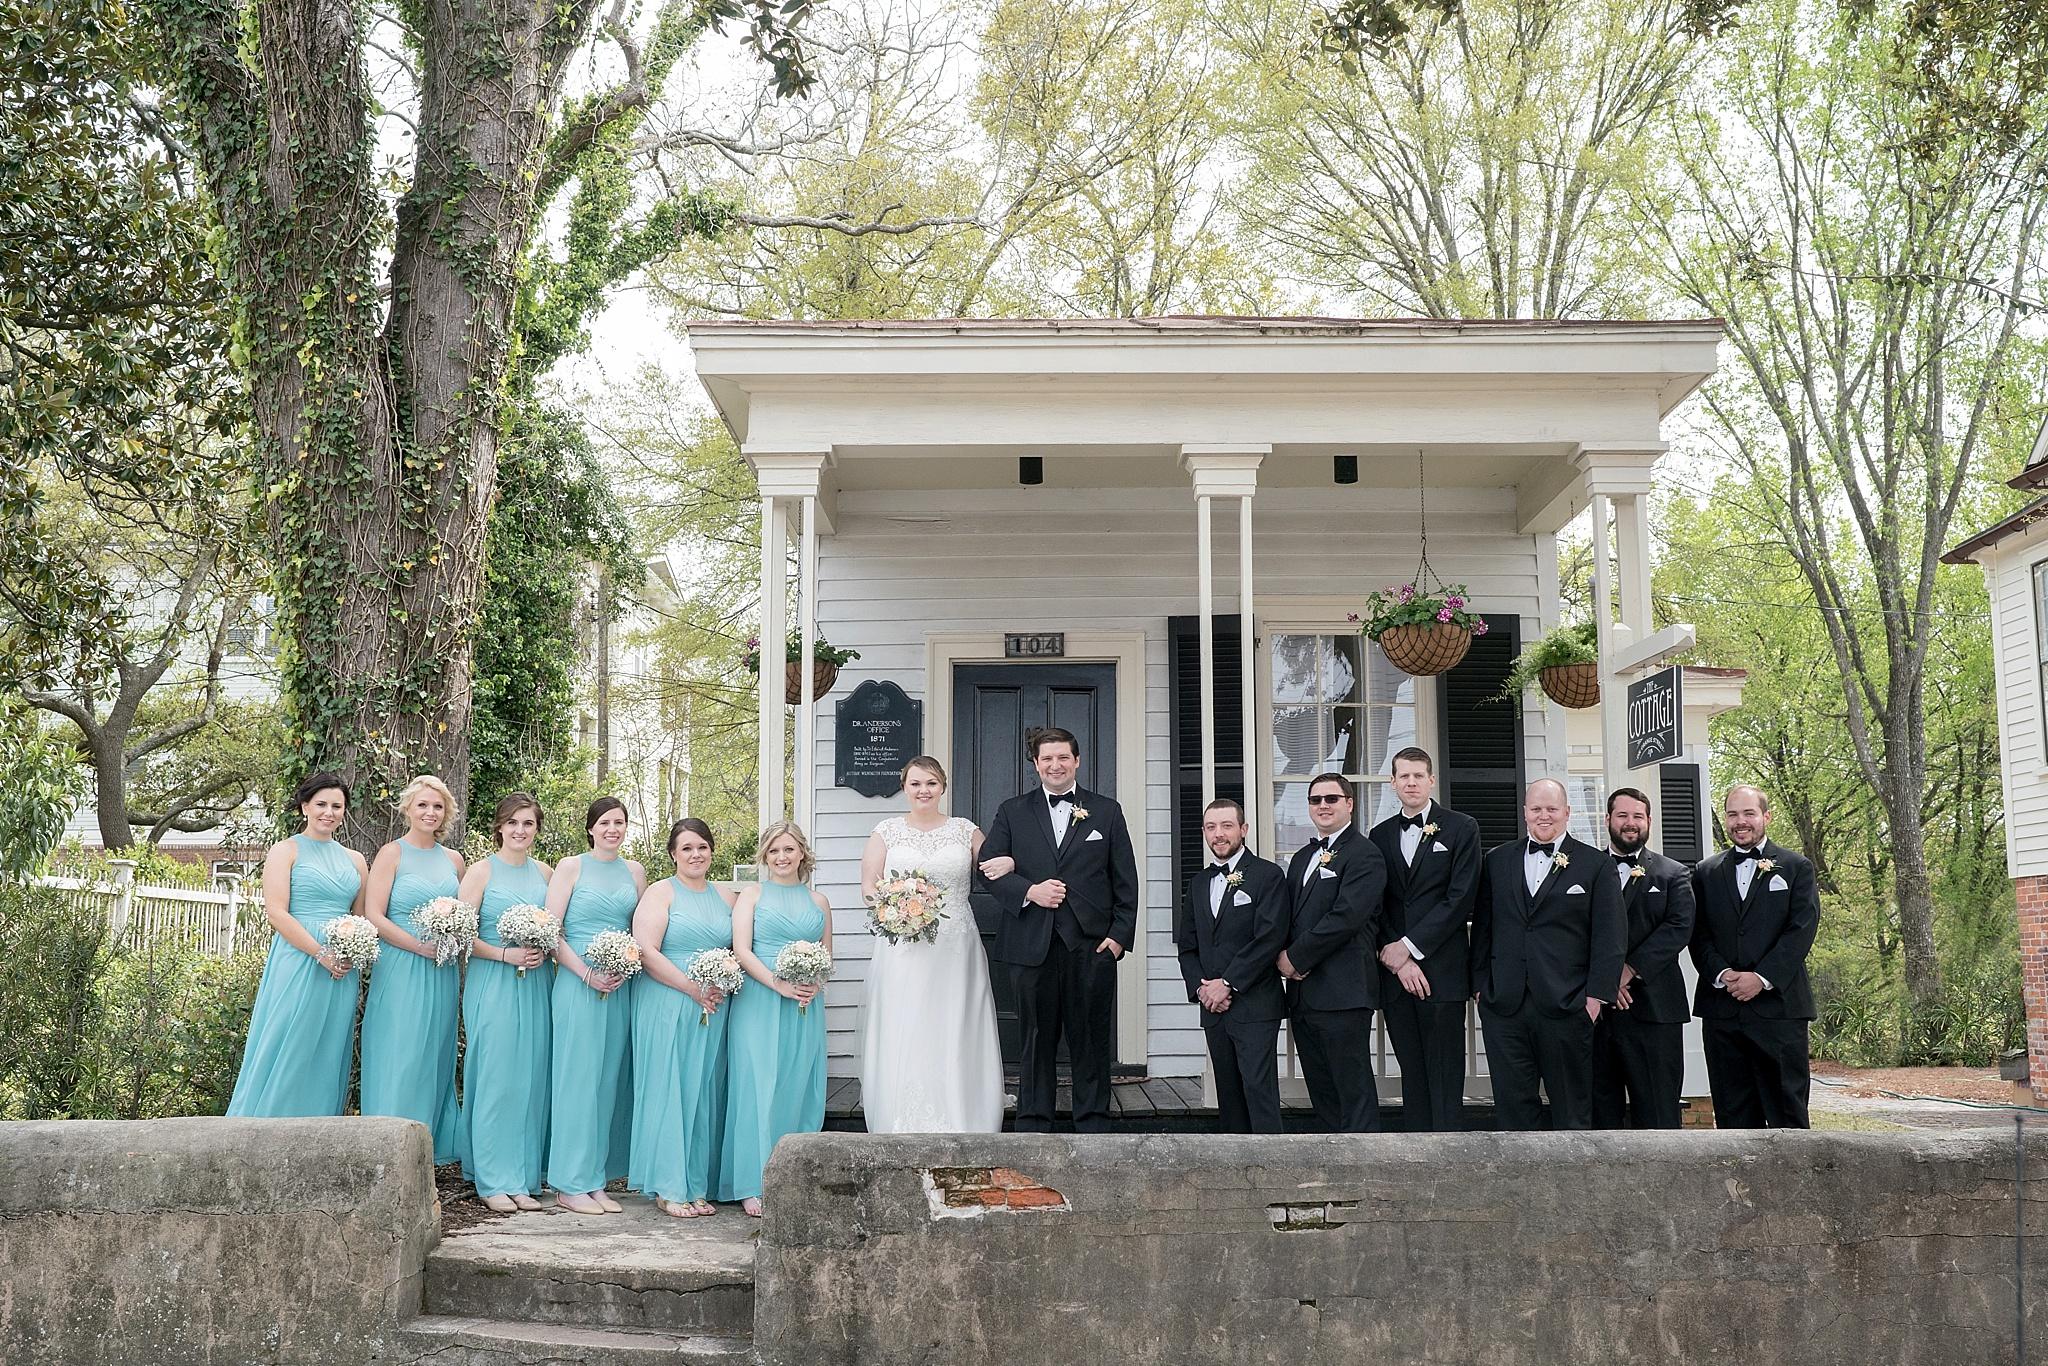 Wilmington-NC-Bakery-105-Photographer-223.jpg